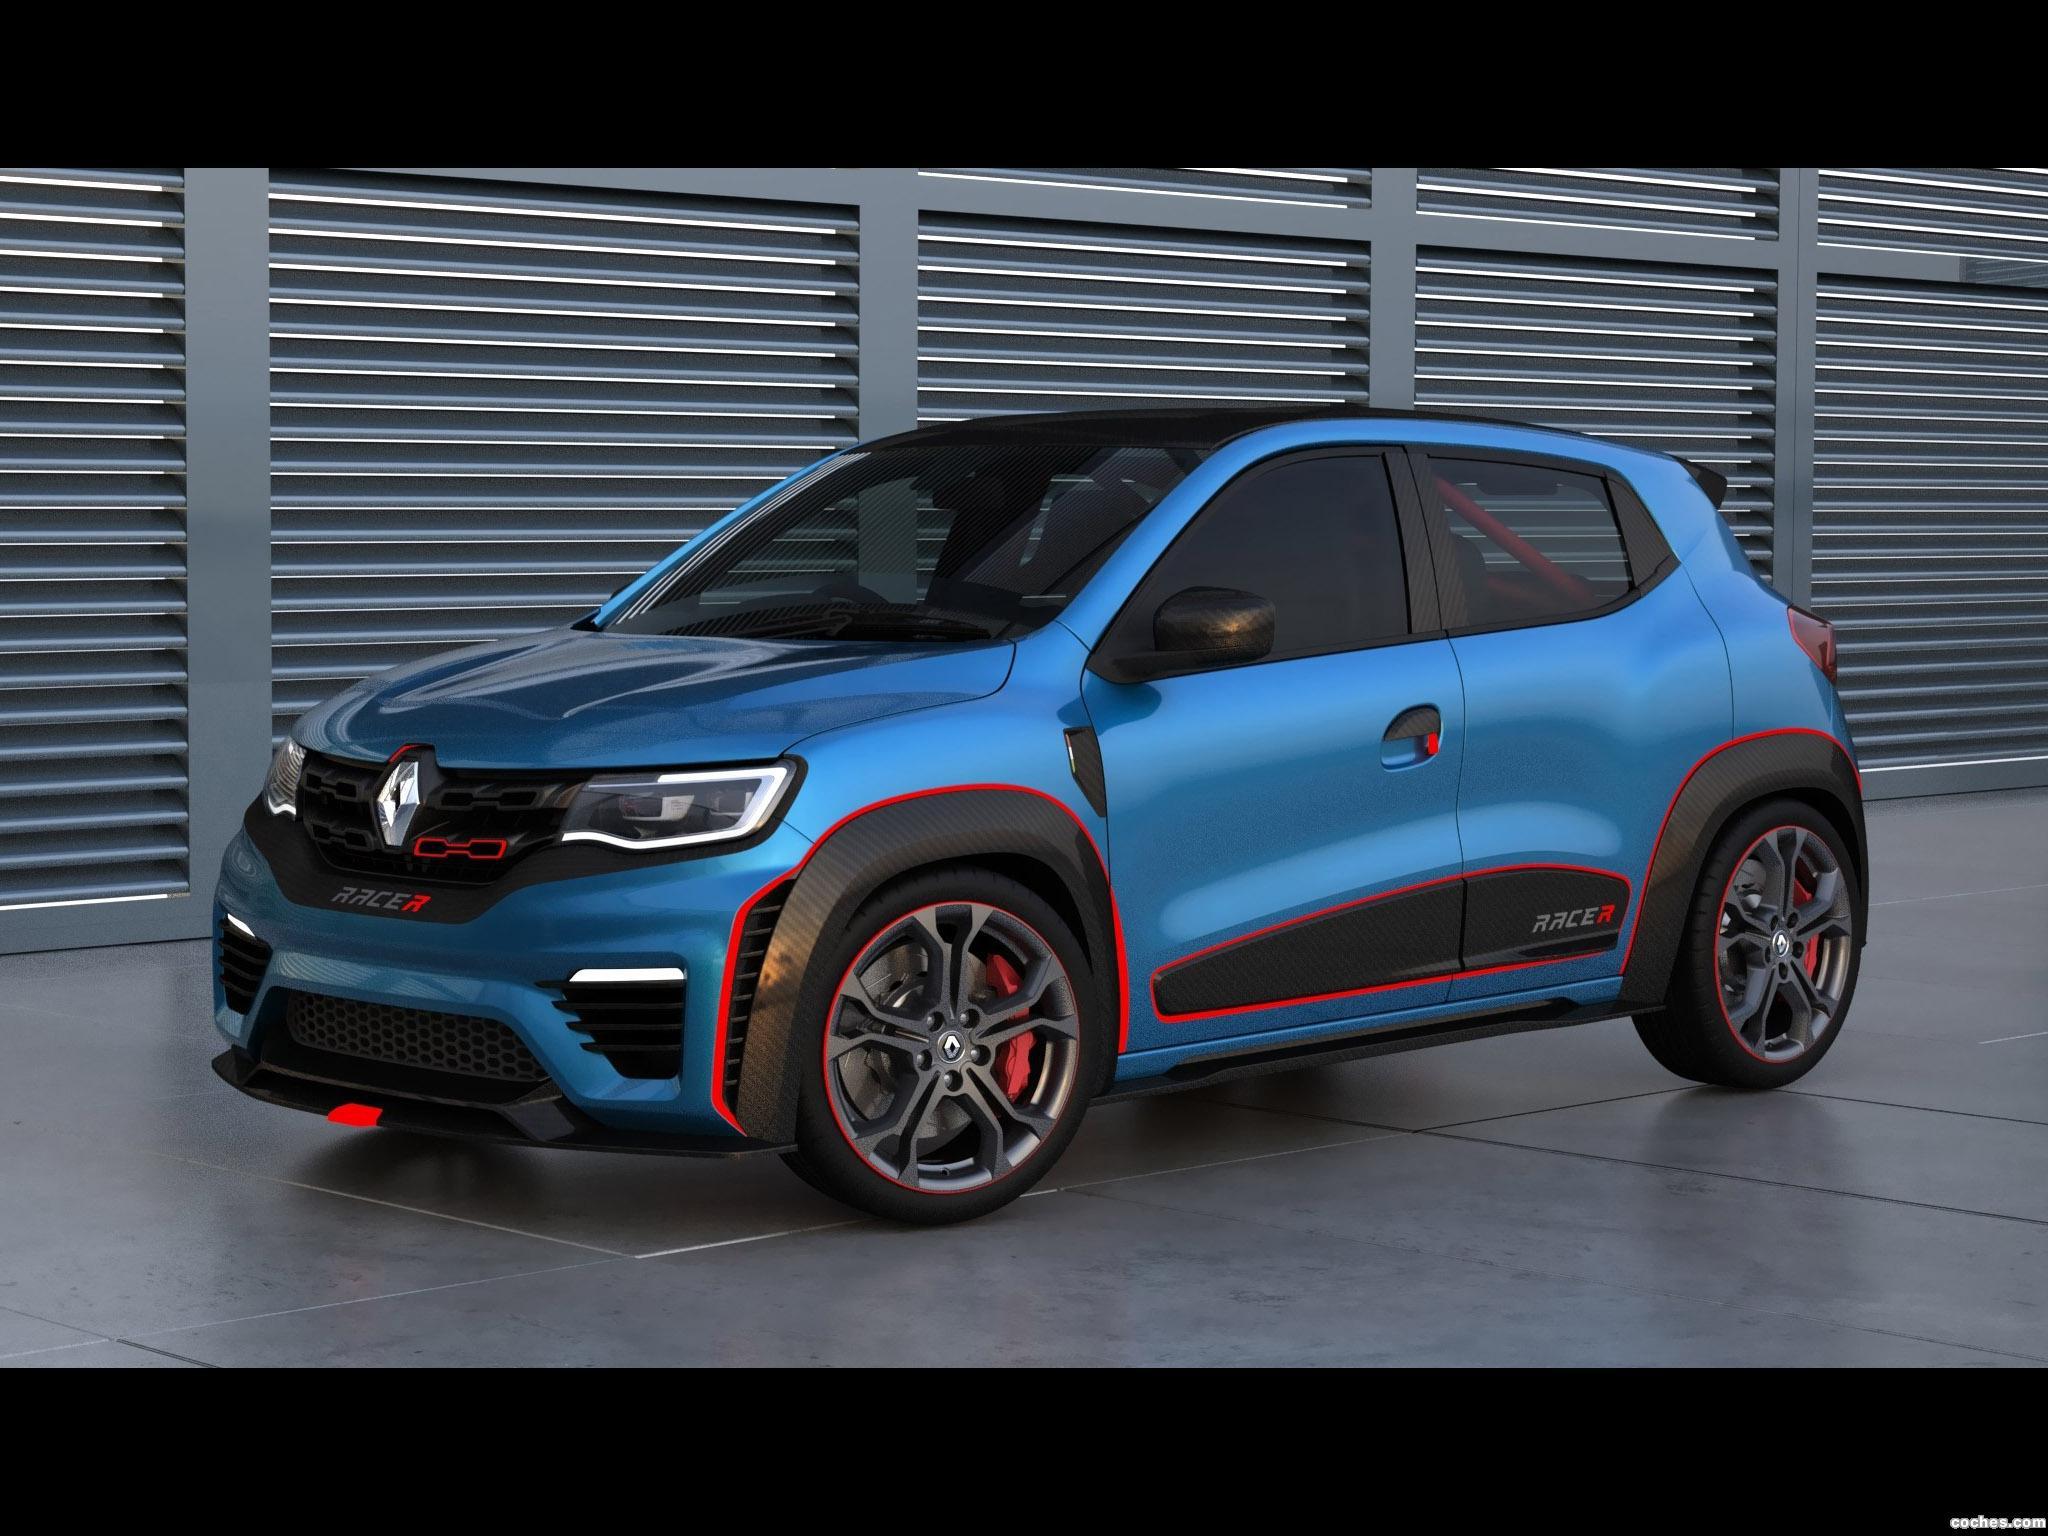 Foto 3 de Renault Kwid Racer Concept 2016